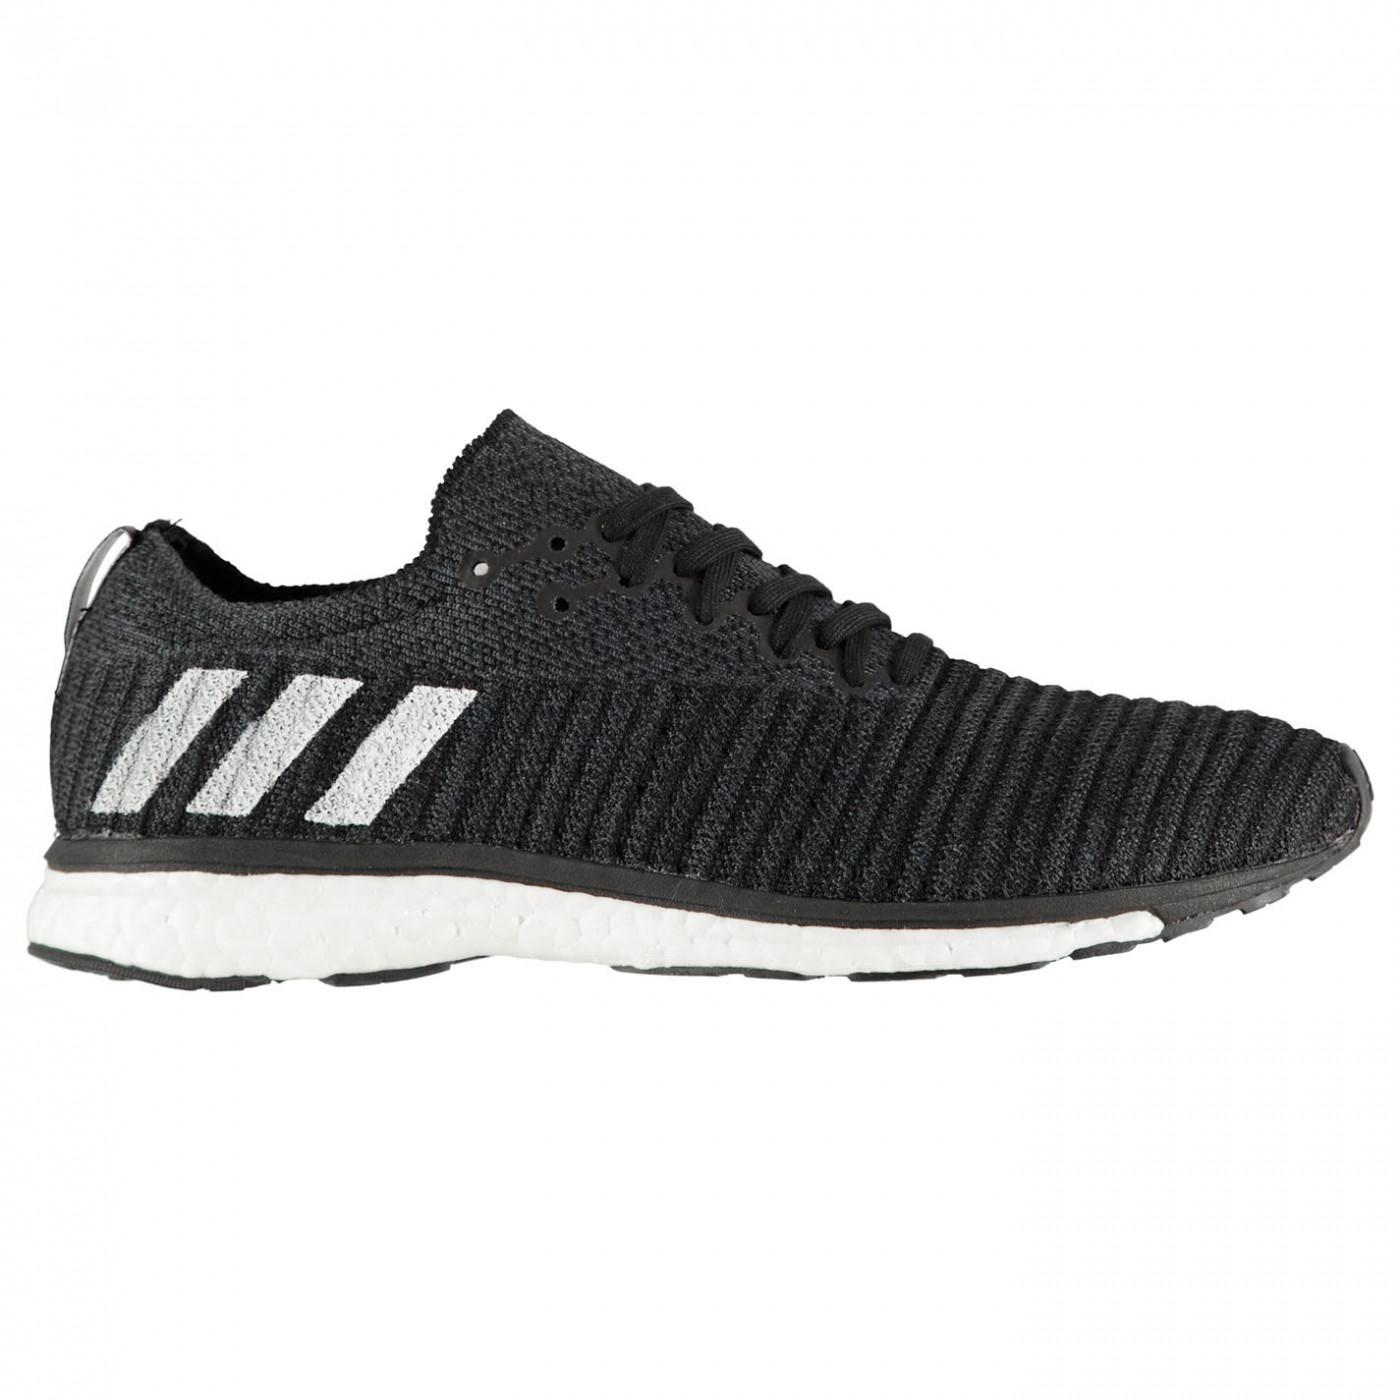 Adidas adizero Prime Men's Running Shoes